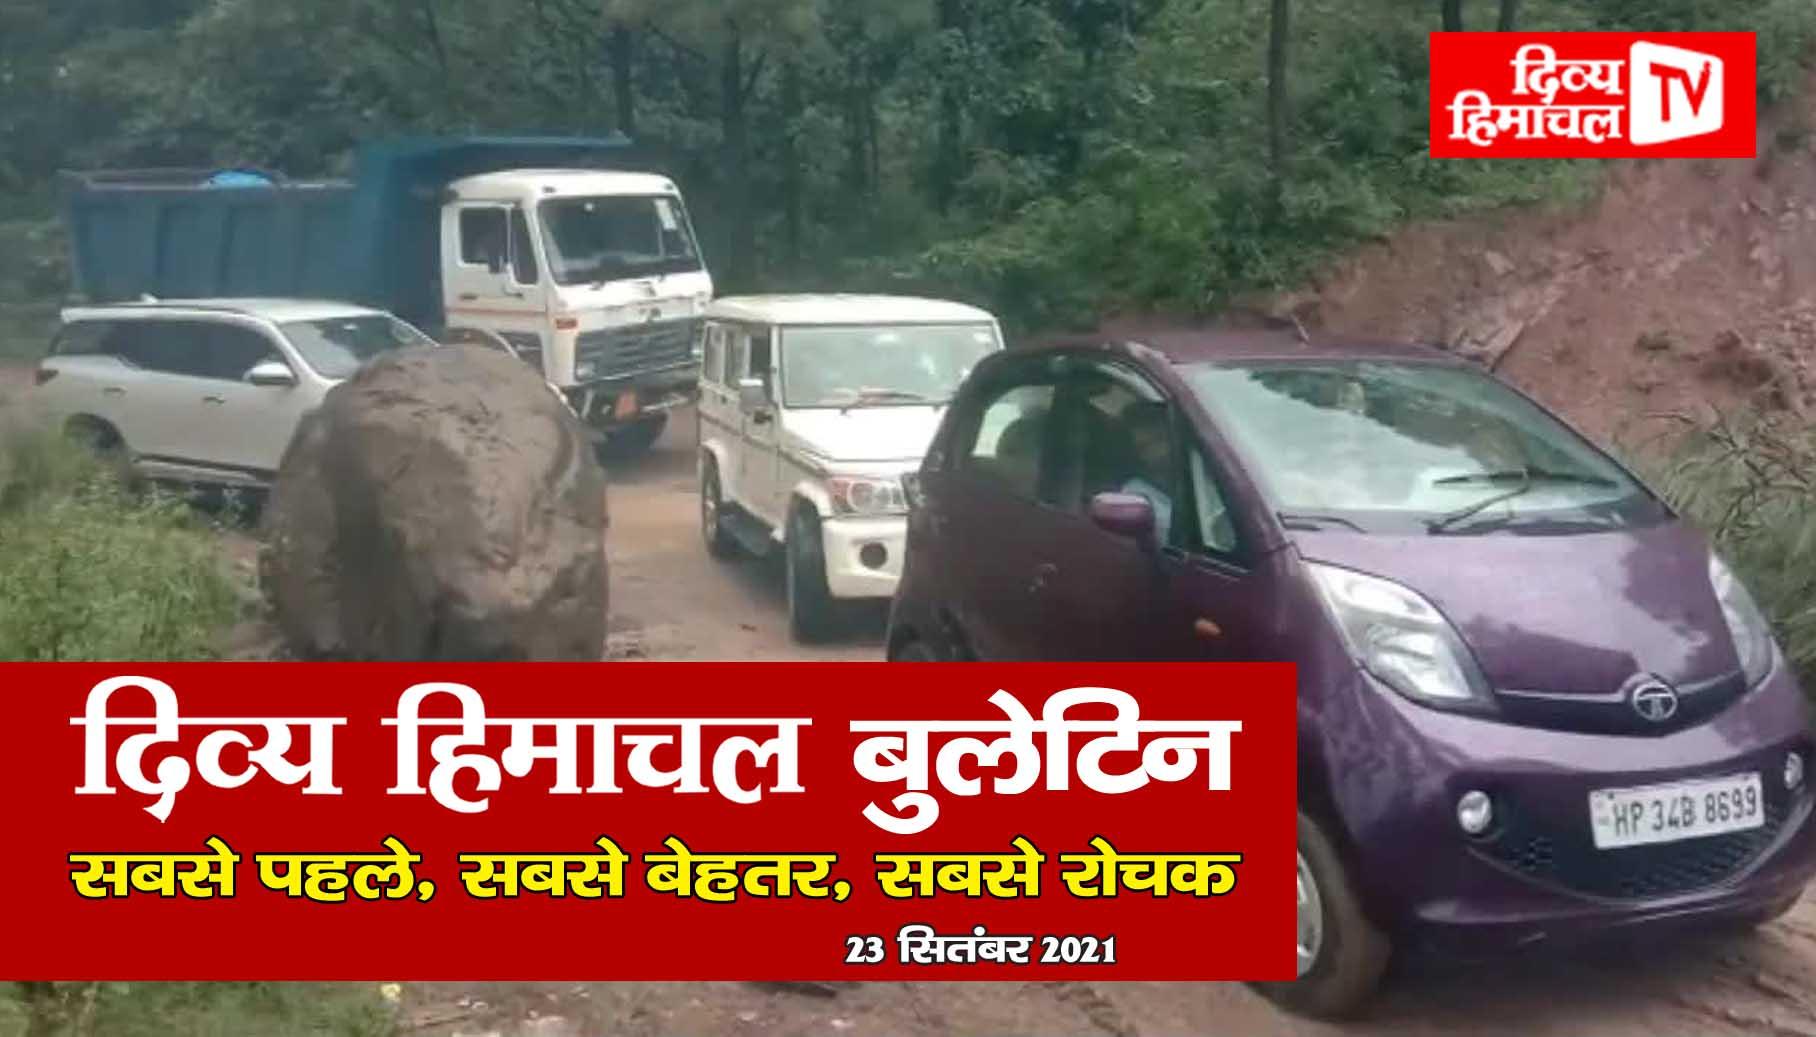 Divya Himachal TV: न्यूज़ बुलेटिन : 23 सितंबर 2021